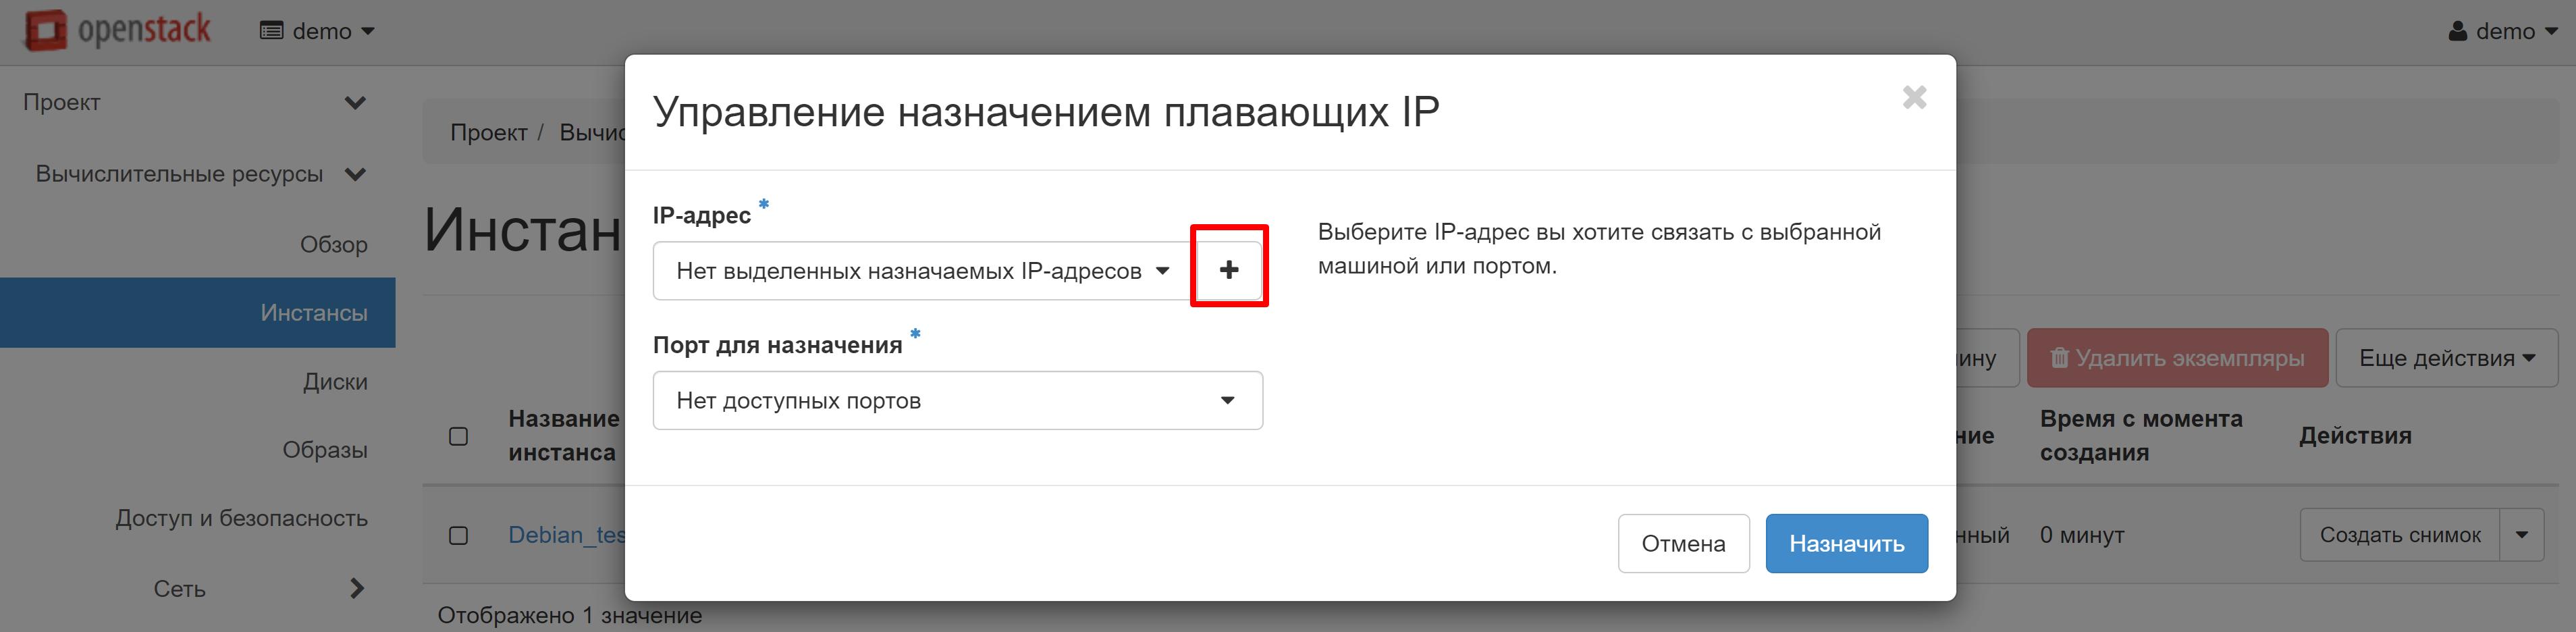 Связать назначаемый IP